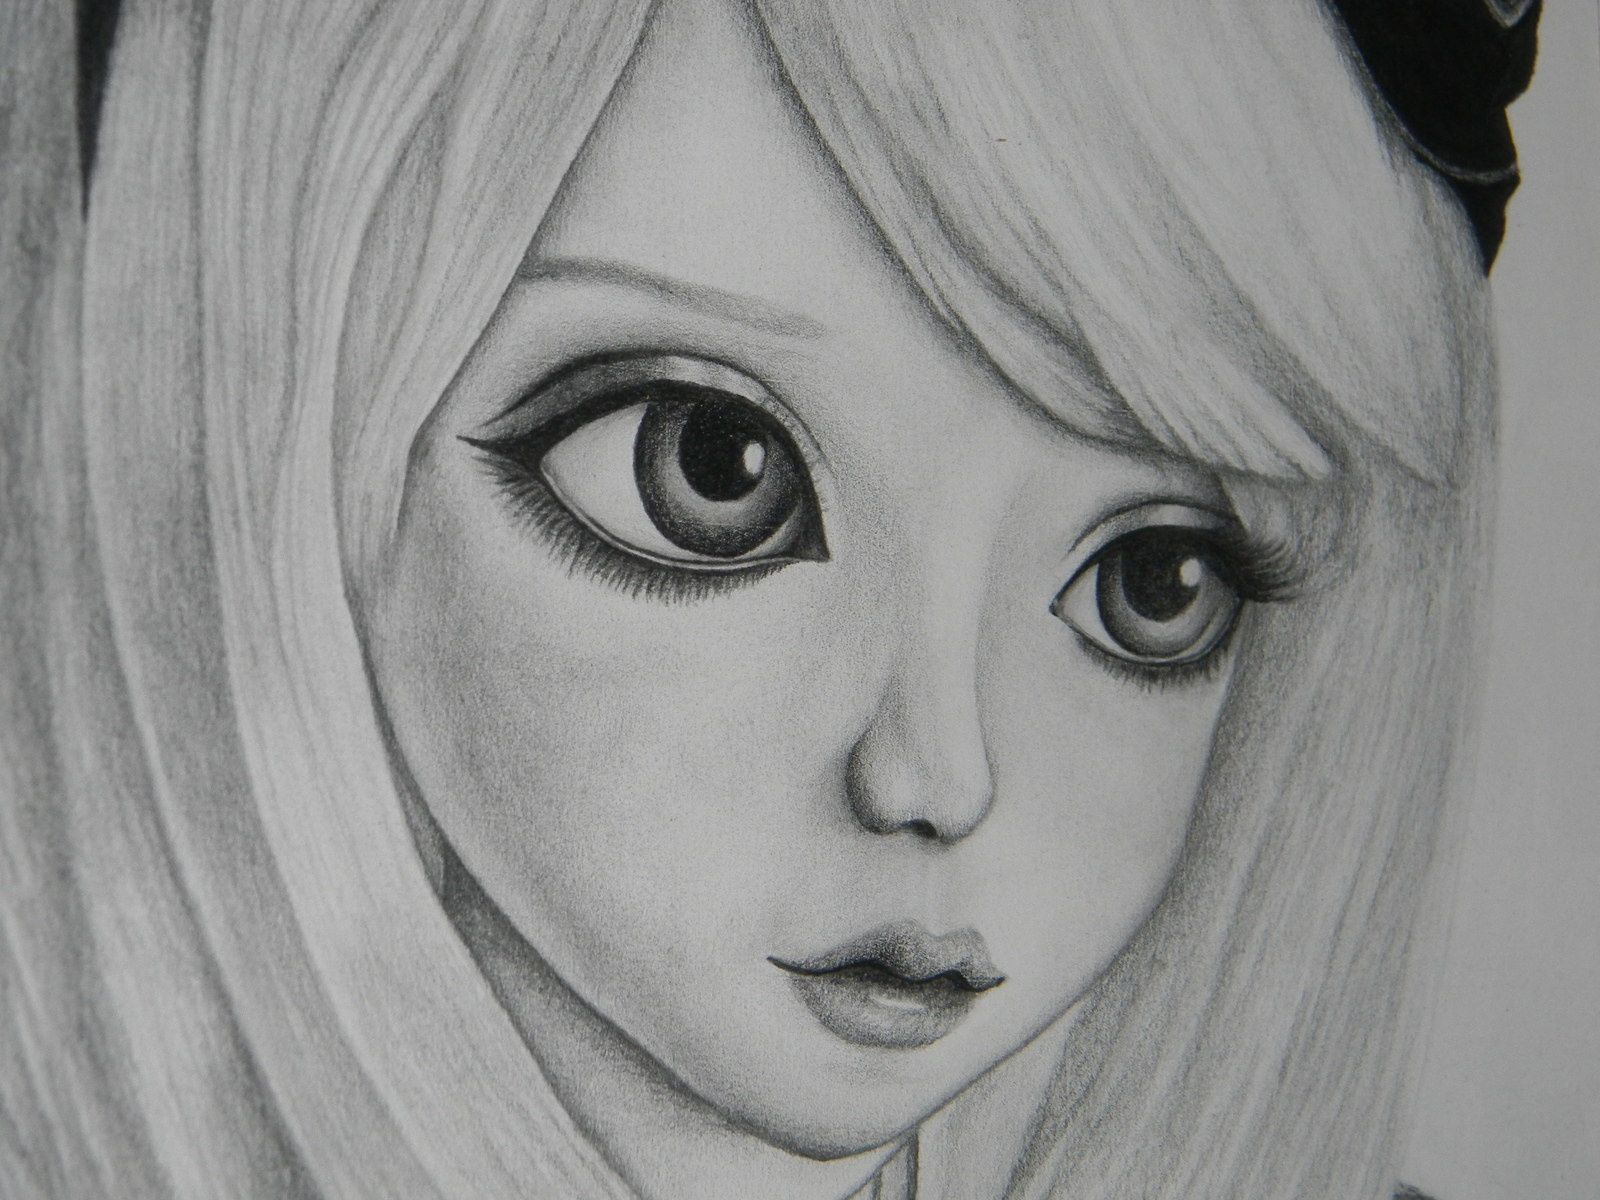 Portrait jeune fille steampunk dessin crayon mine de - Dessin de jeune fille ...